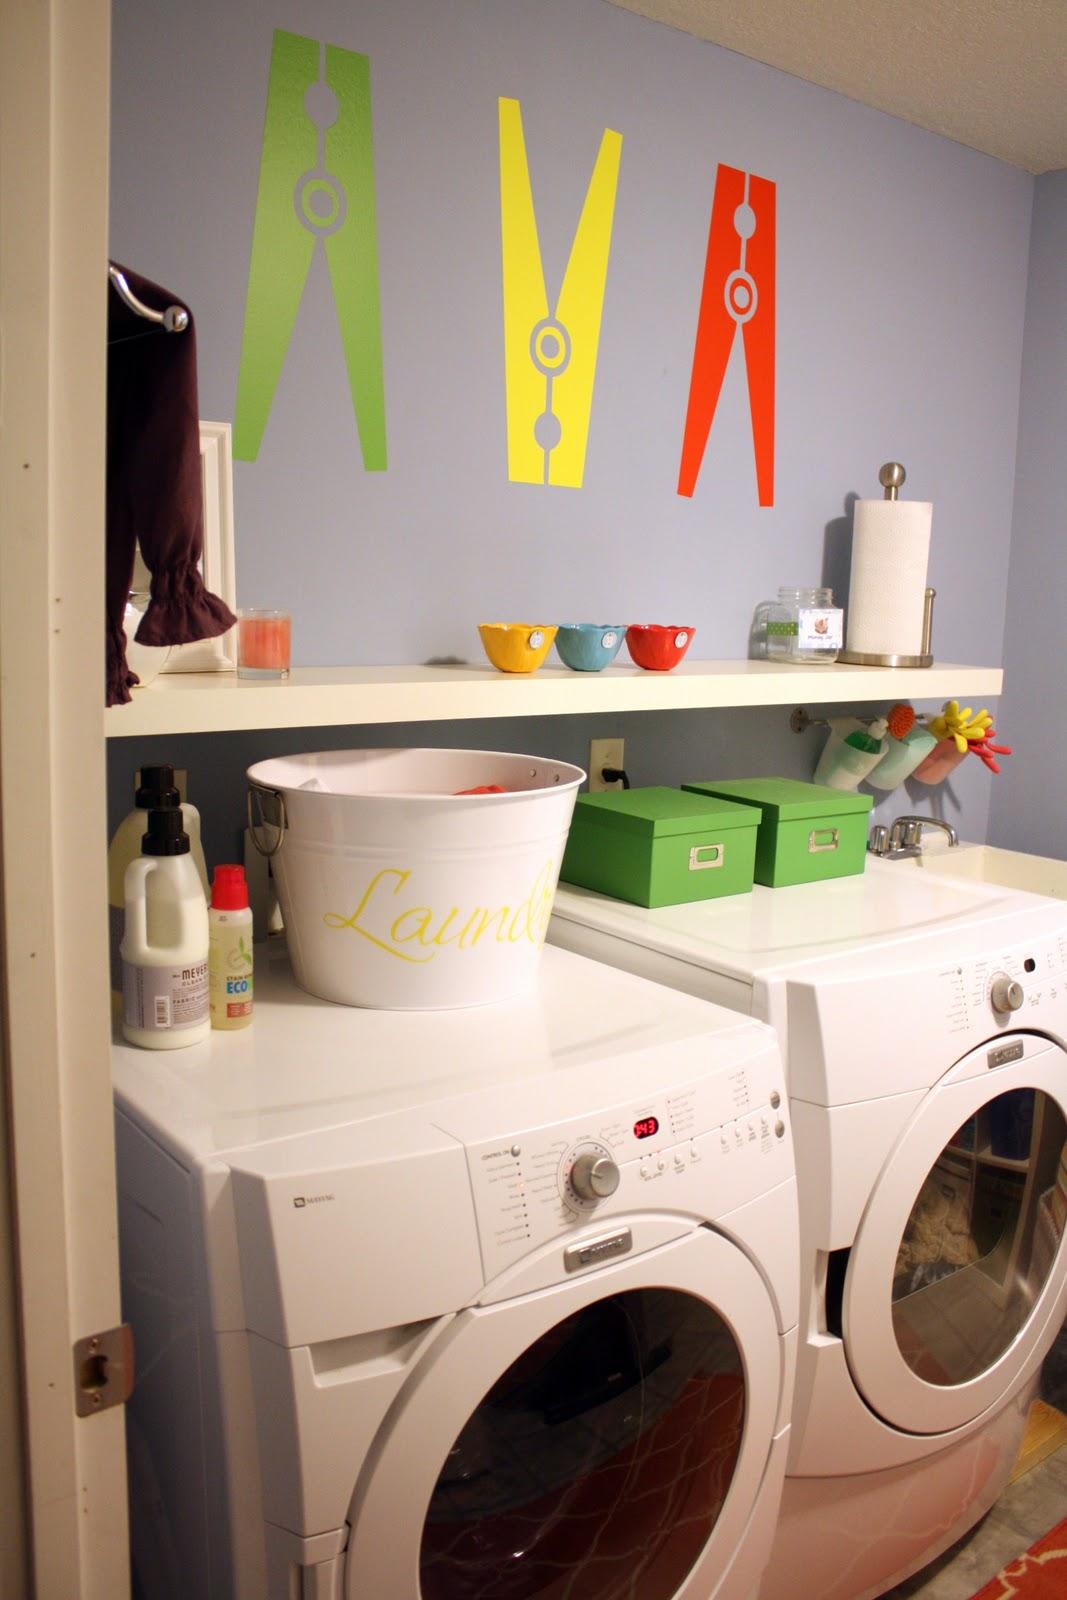 decoracao cozinha e area de servico integradas:Clothes Laundry Room Decals